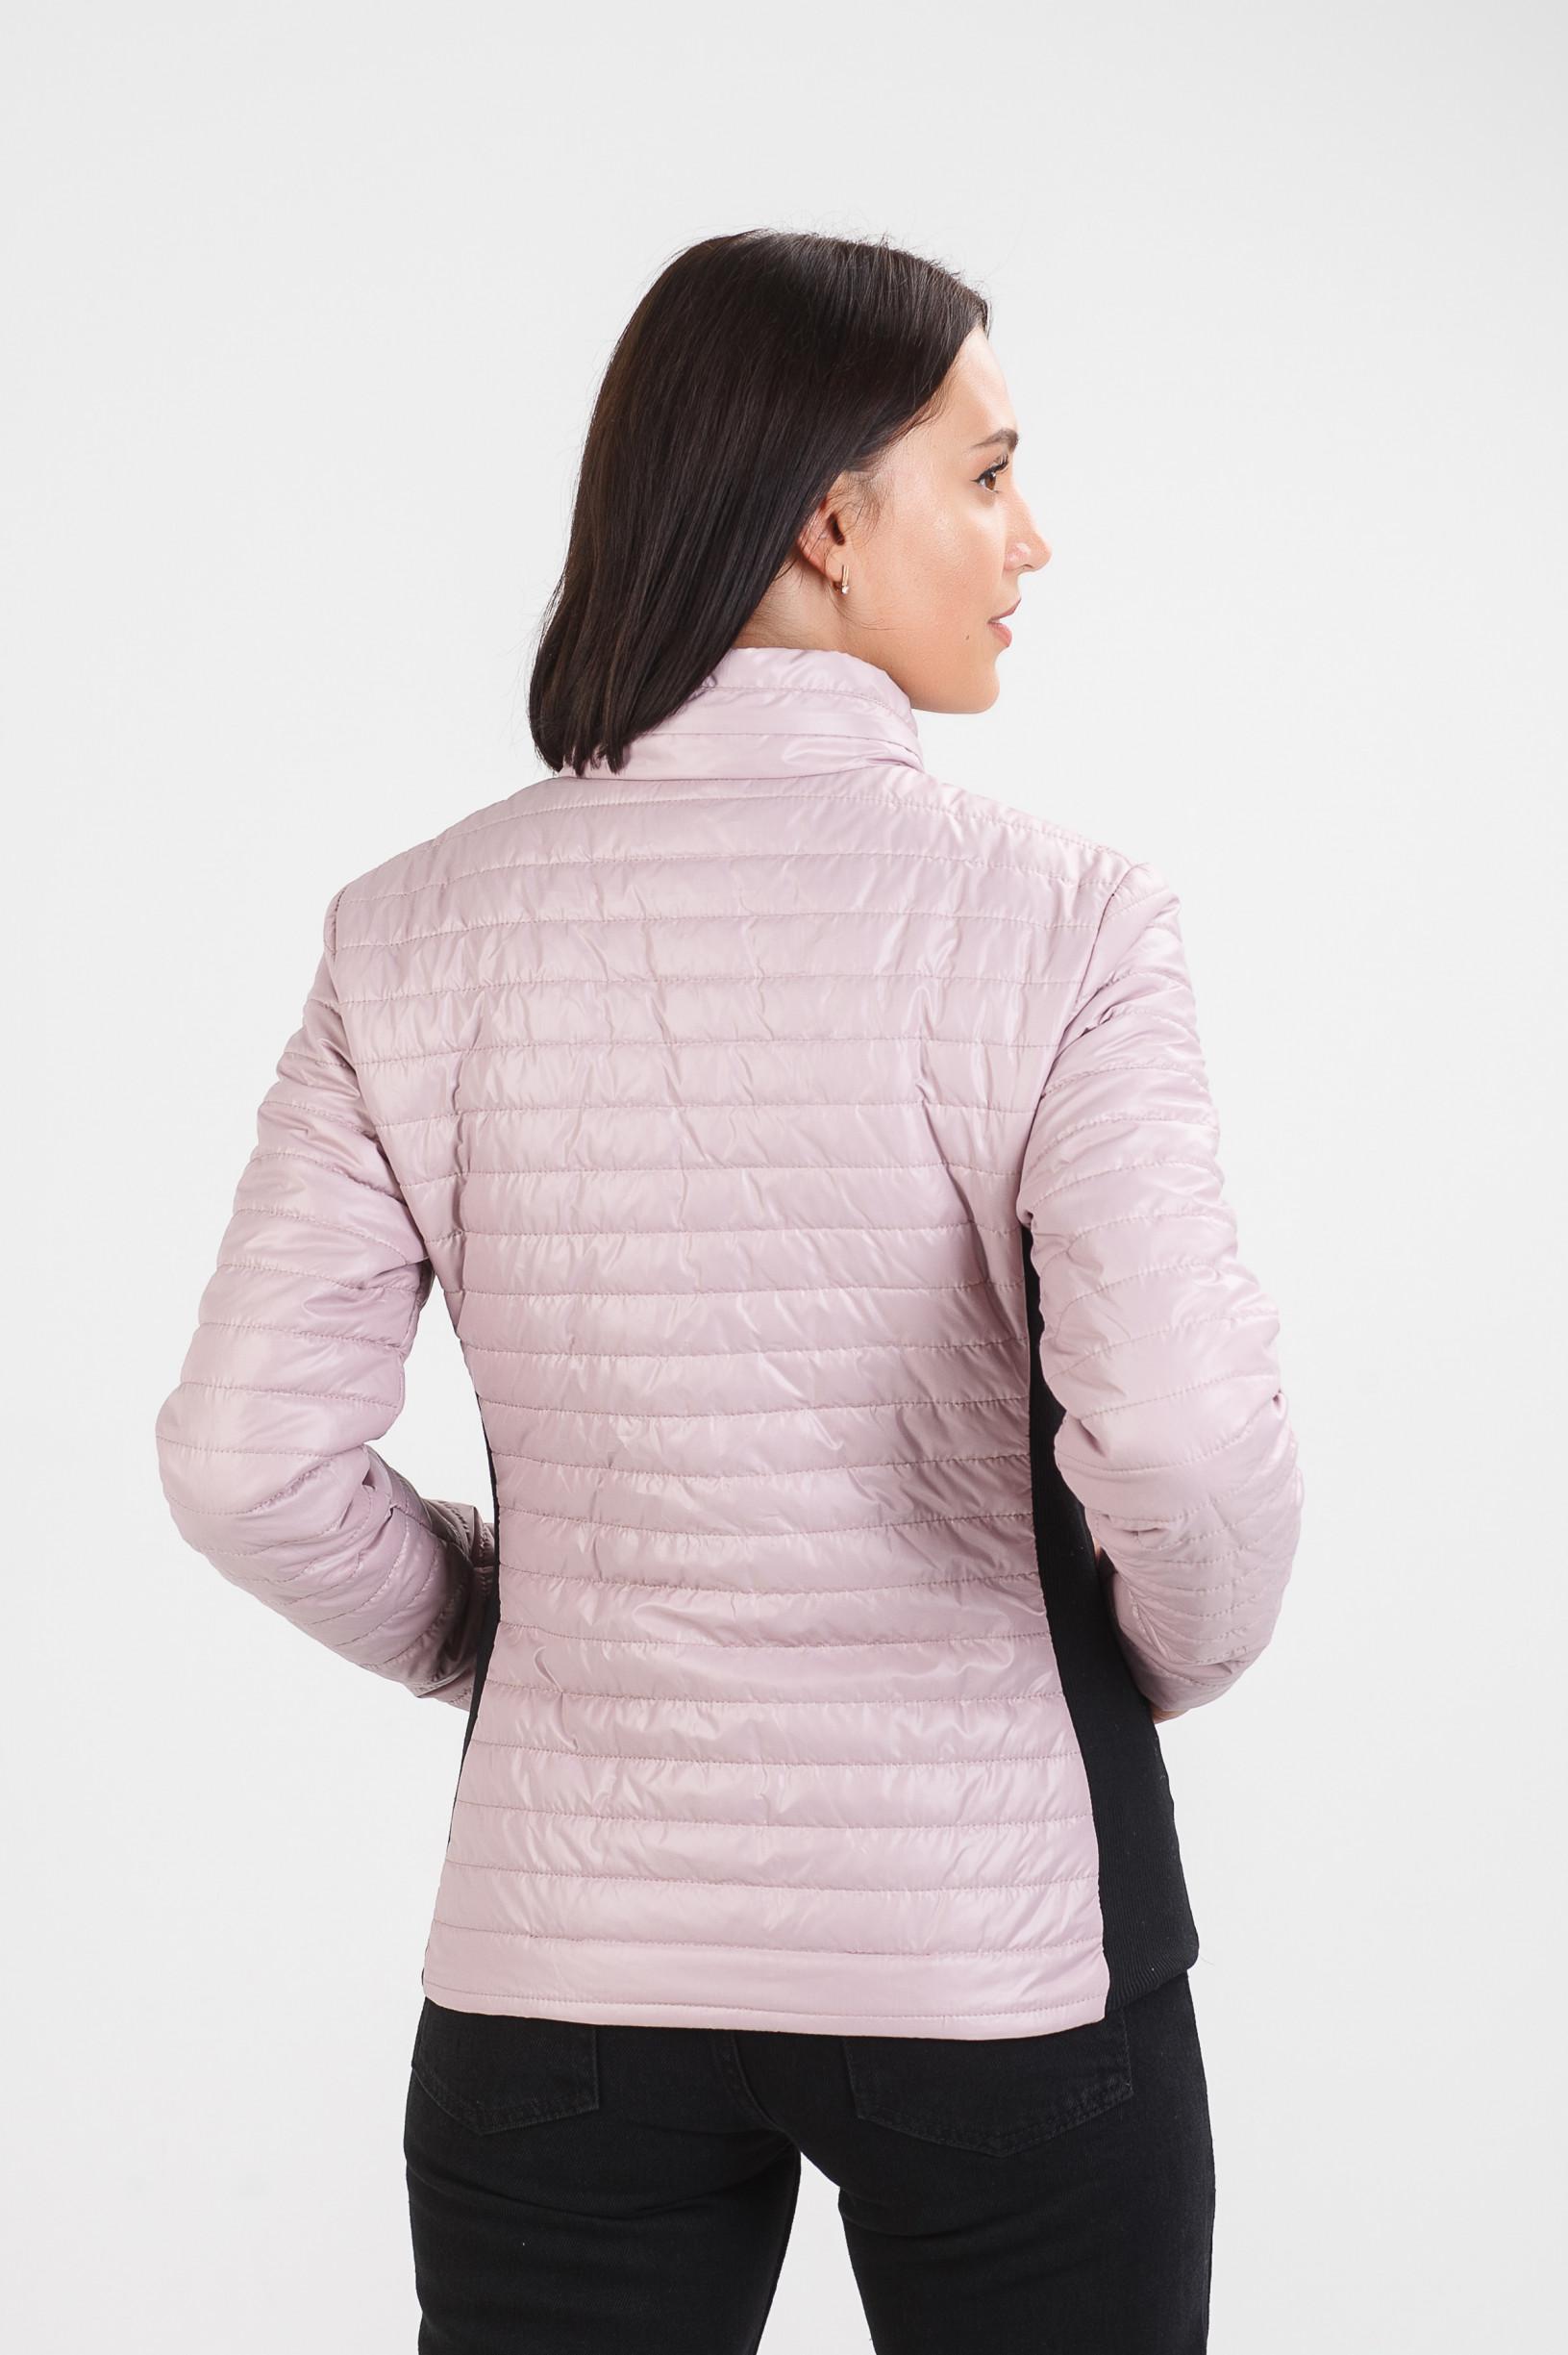 Розовая тоненькая куртка Бетти